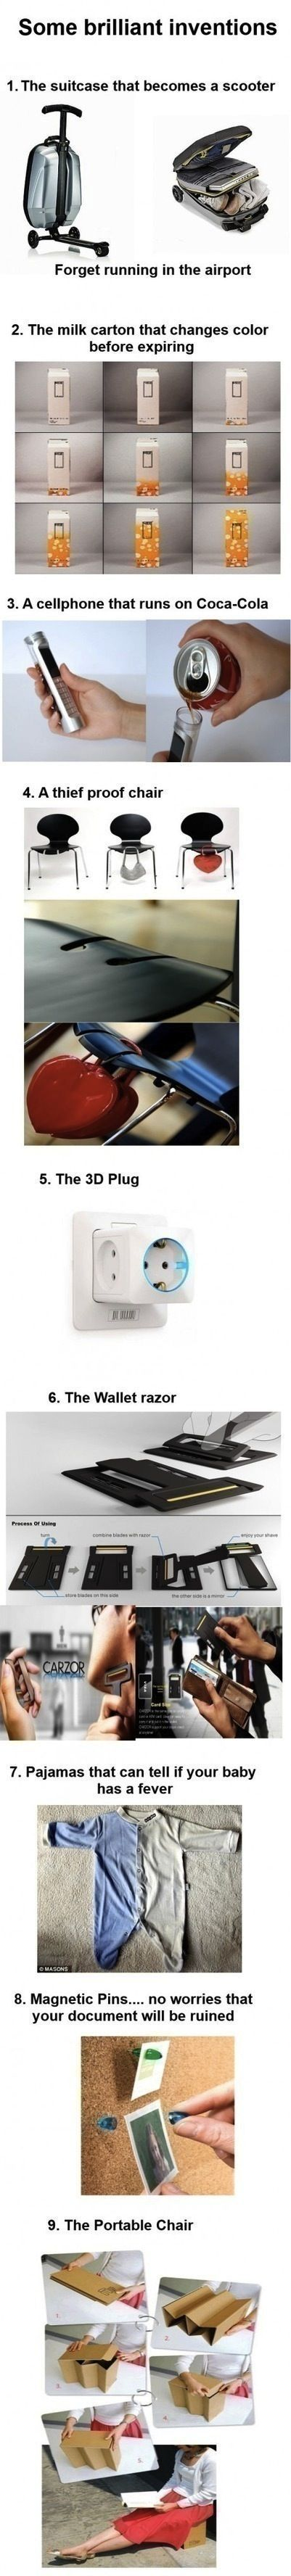 algunos inventos brillantes